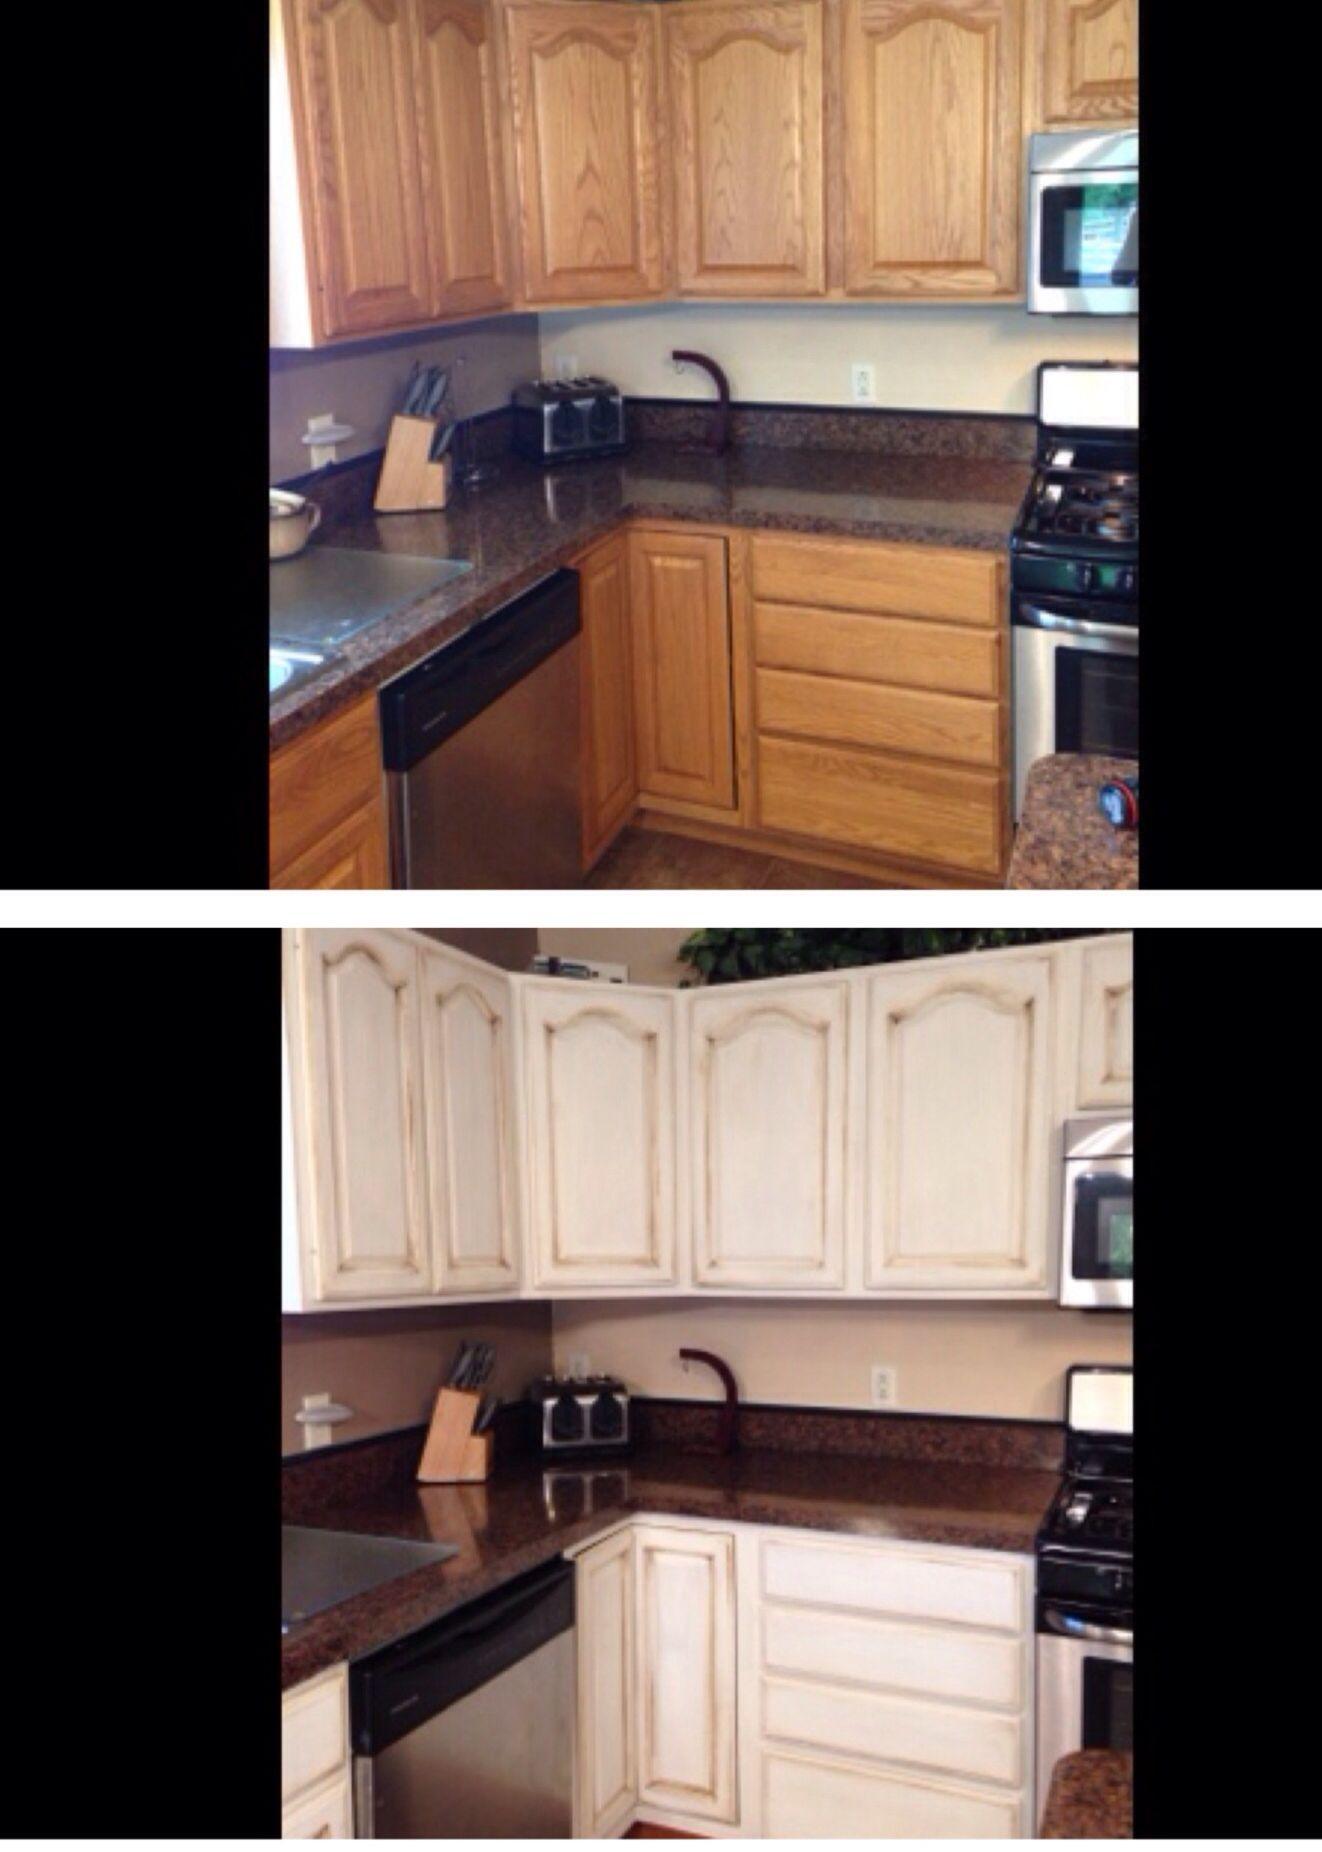 Diy Annie Sloan Chalk Paint Pure White With Dark Wax New Kitchen Cabinets Easy P Redo Kitchen Cabinets Diy Kitchen Countertops Annie Sloan Kitchen Cabinets